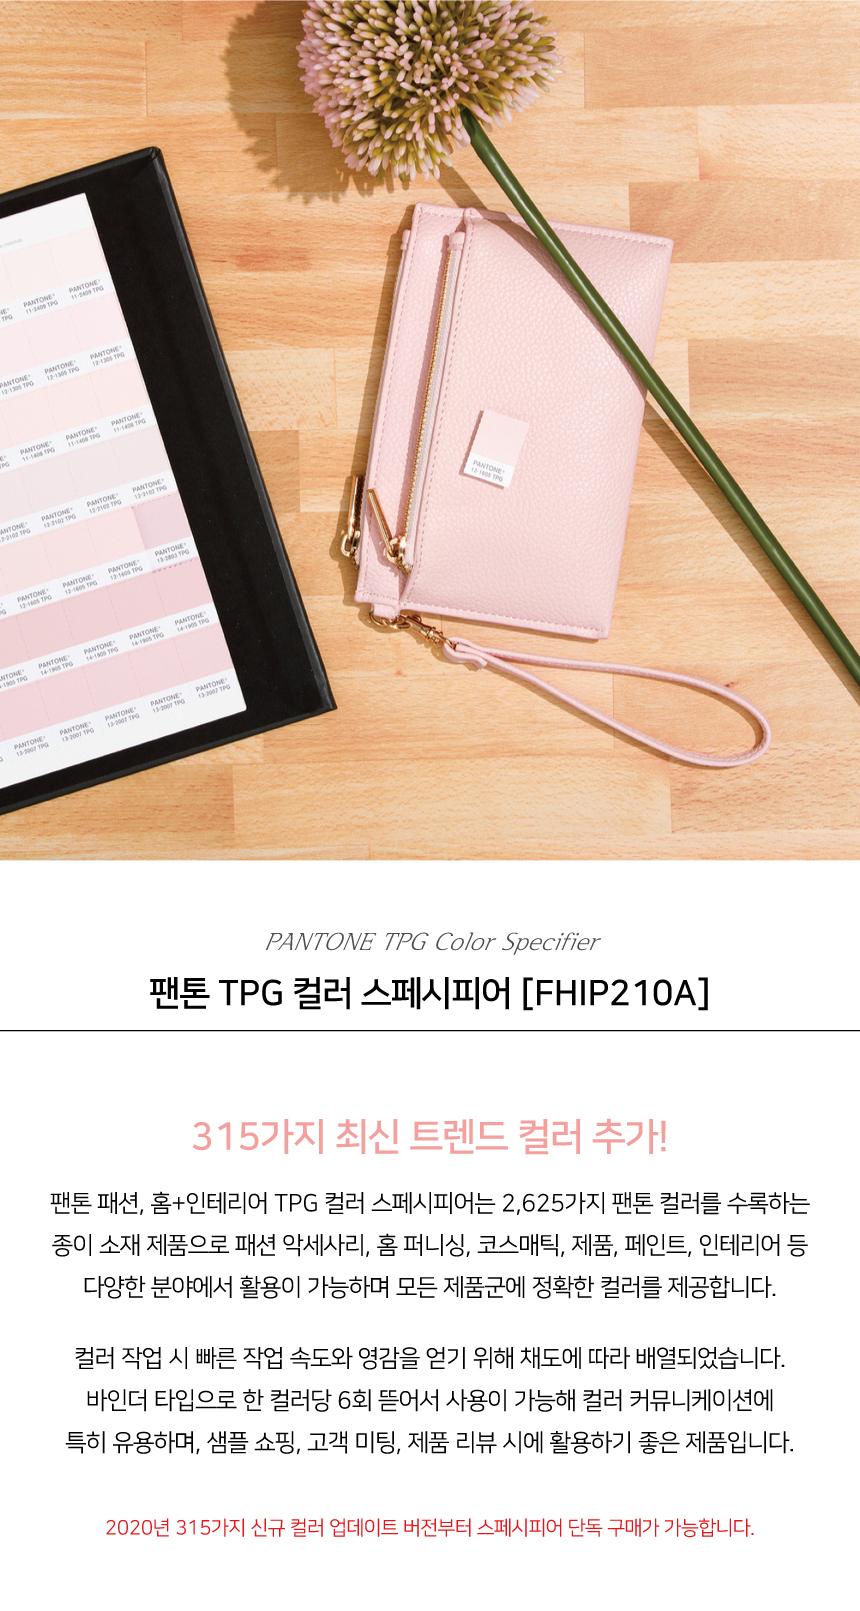 팬톤 TPG 컬러 스페시피어 FHIP210A